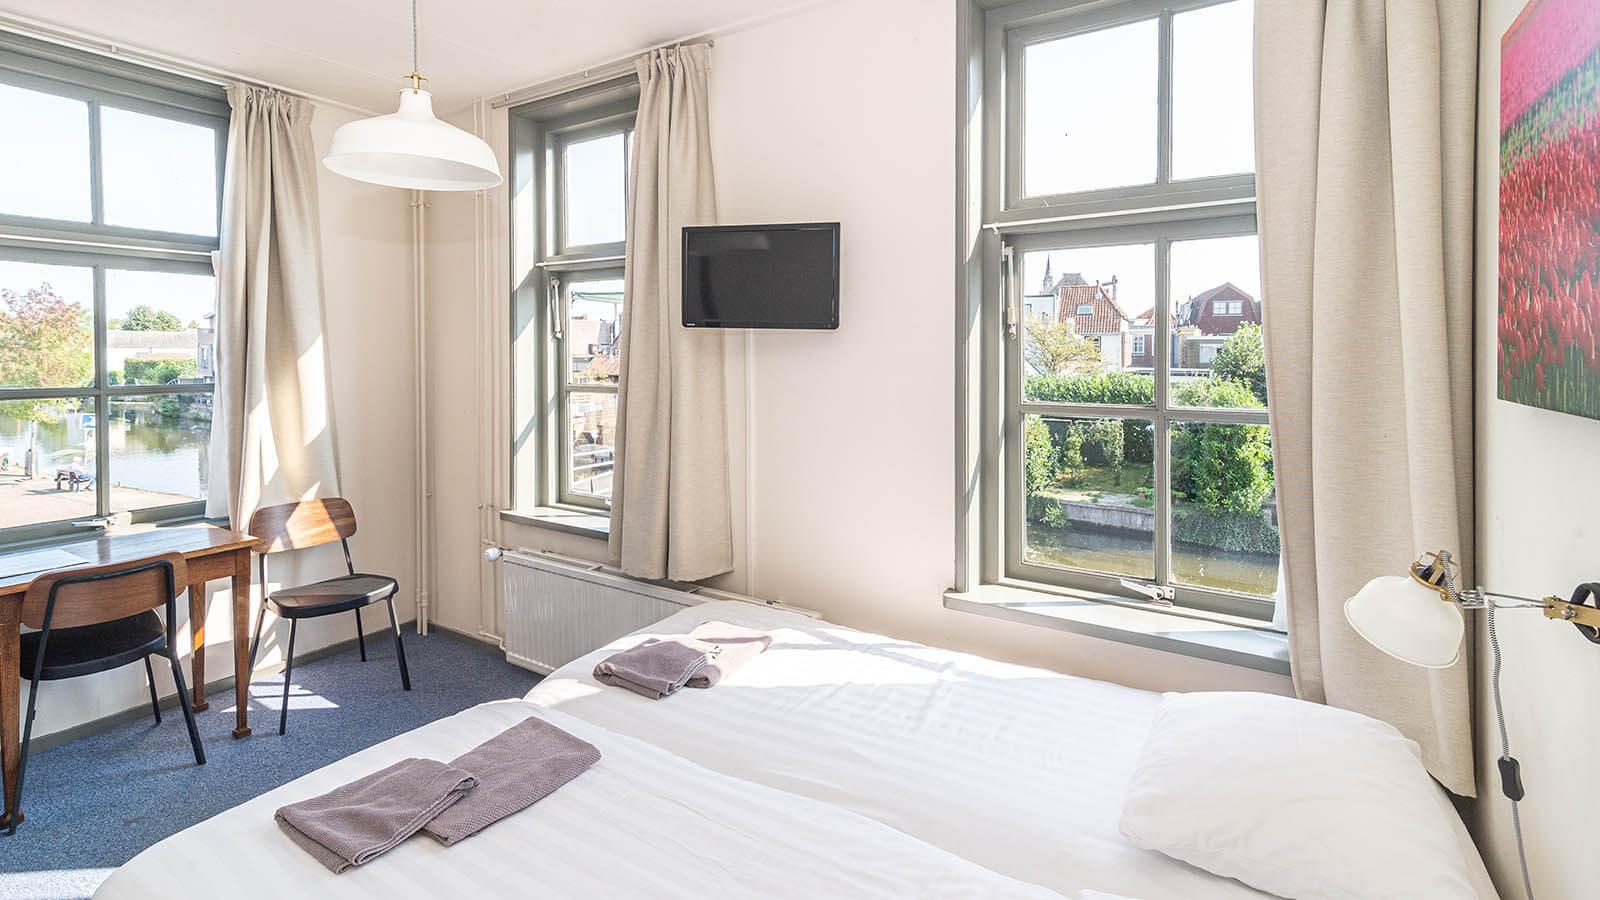 Eenpersoonskamer vanaf € 49,00